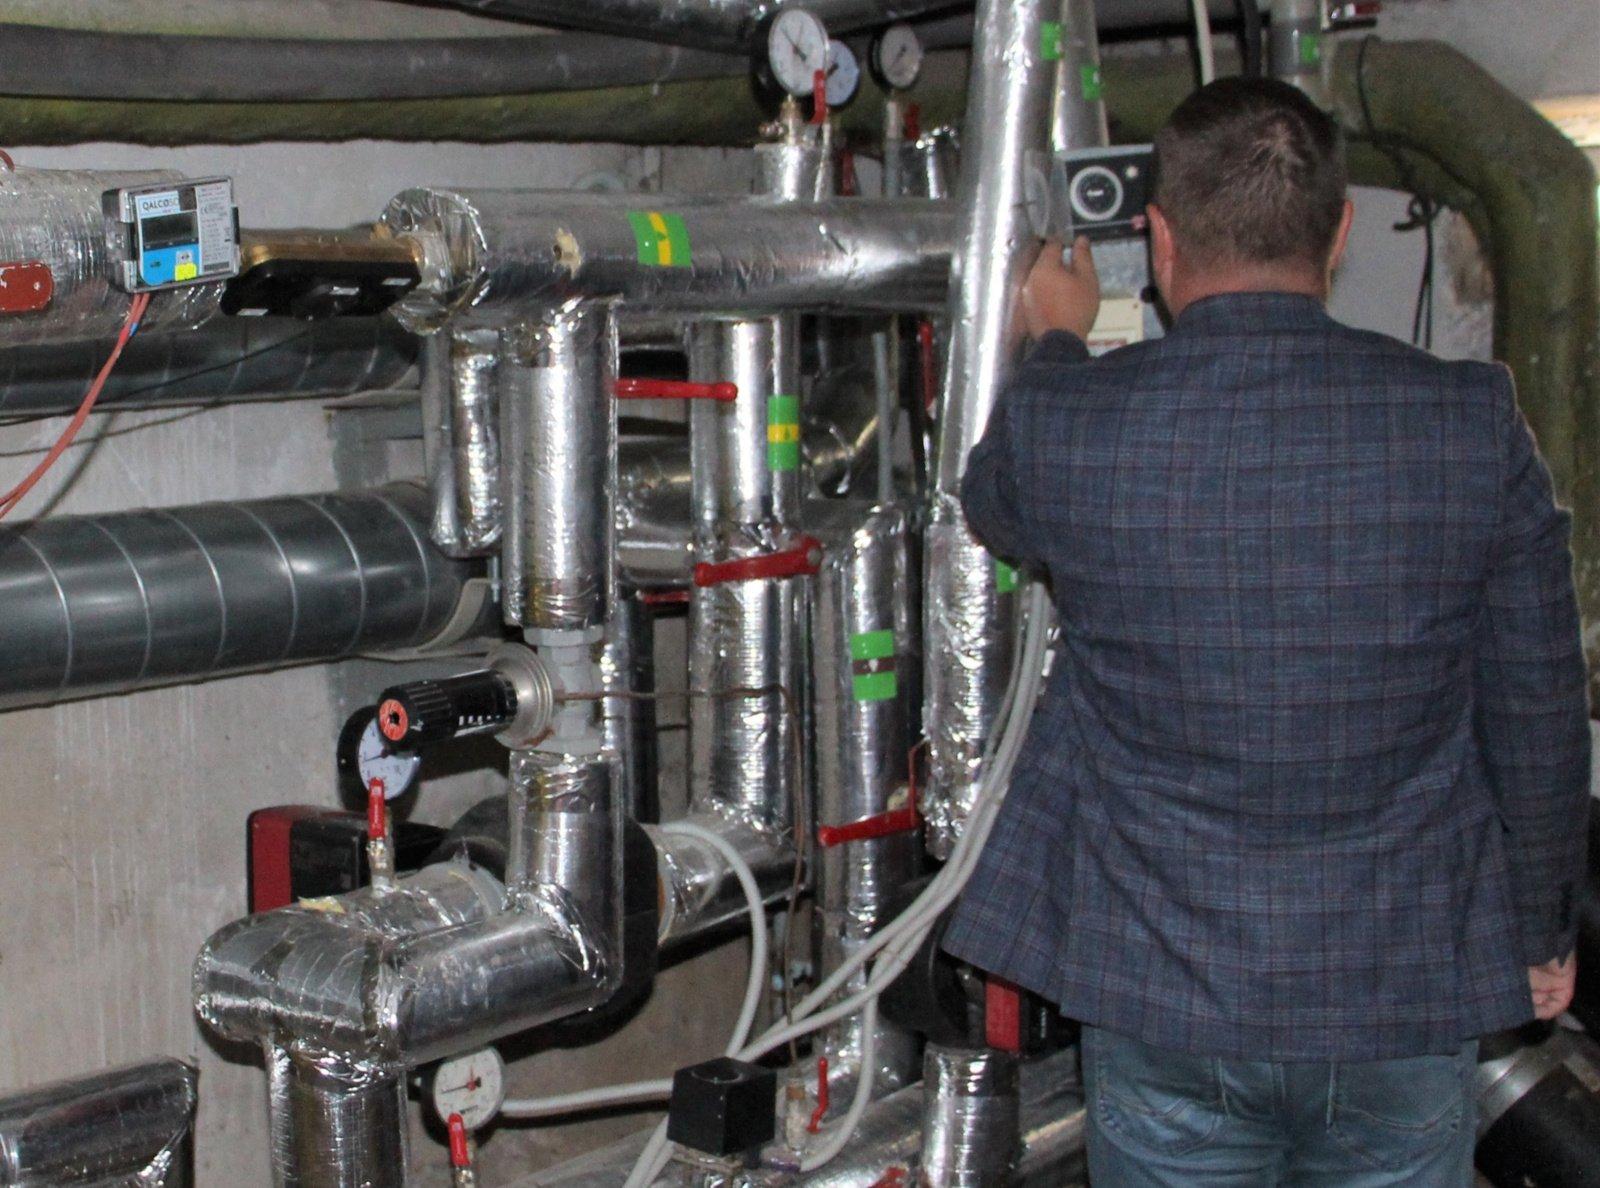 Šildymo ir karšto vandens sistemų problemų sprendimui – gedimai@senergija.lt